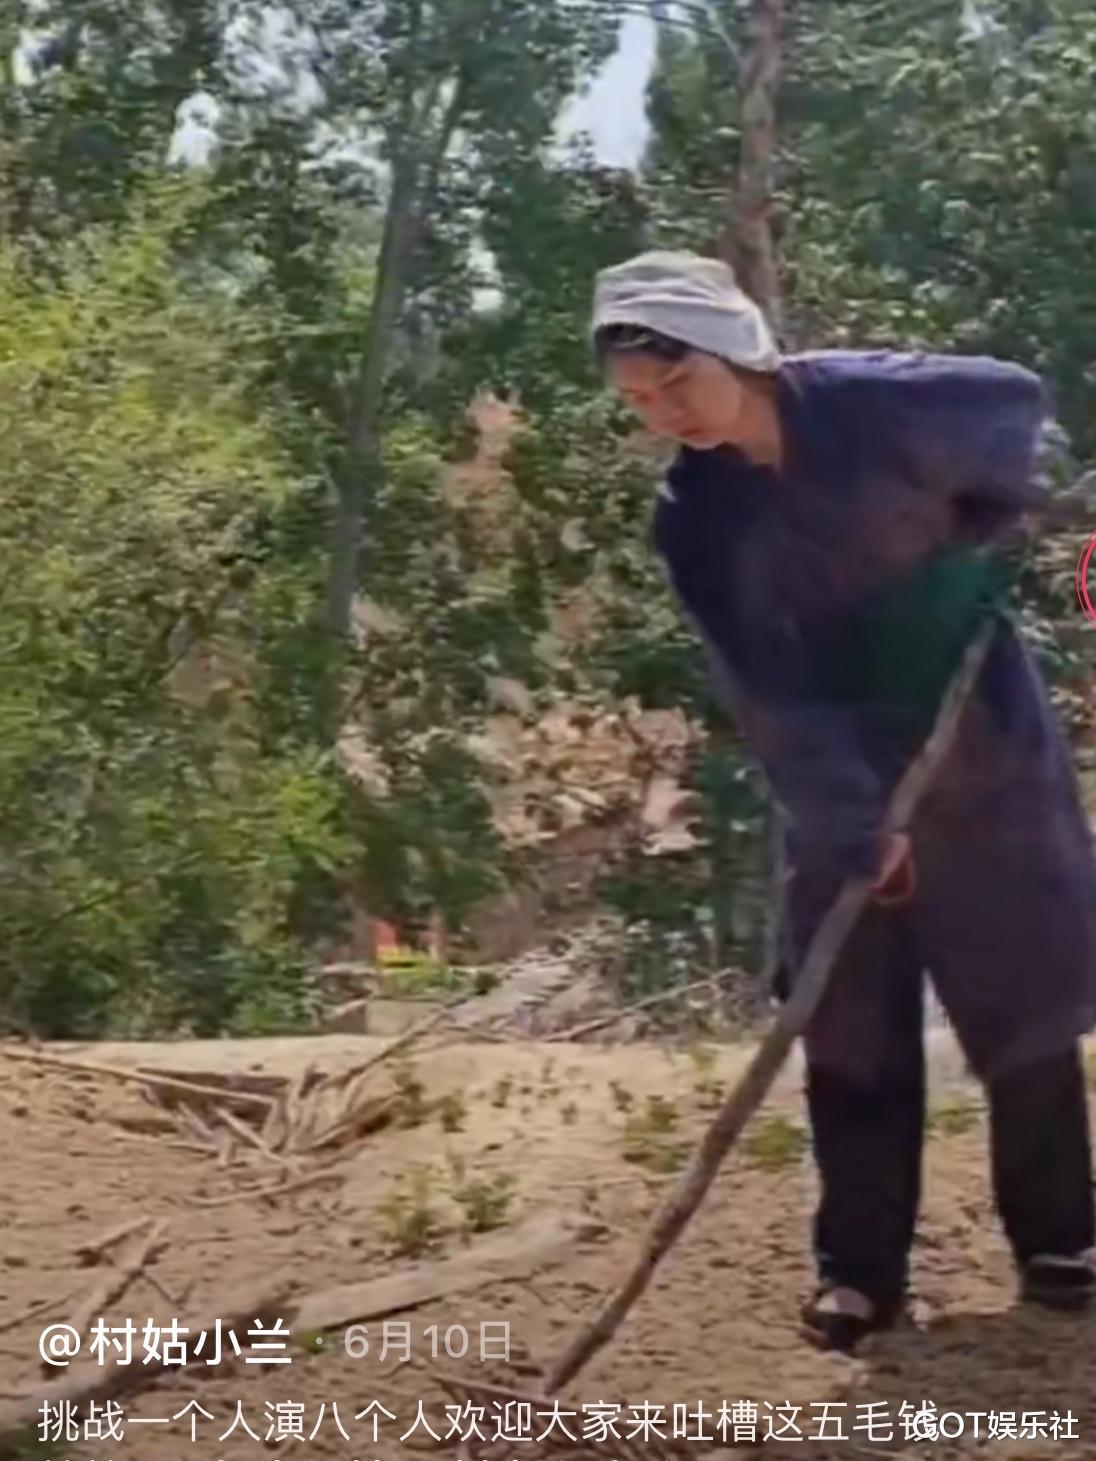 農村女孩自導自演《西遊記》, 道具神還原, 演技比很多明星都好-圖2